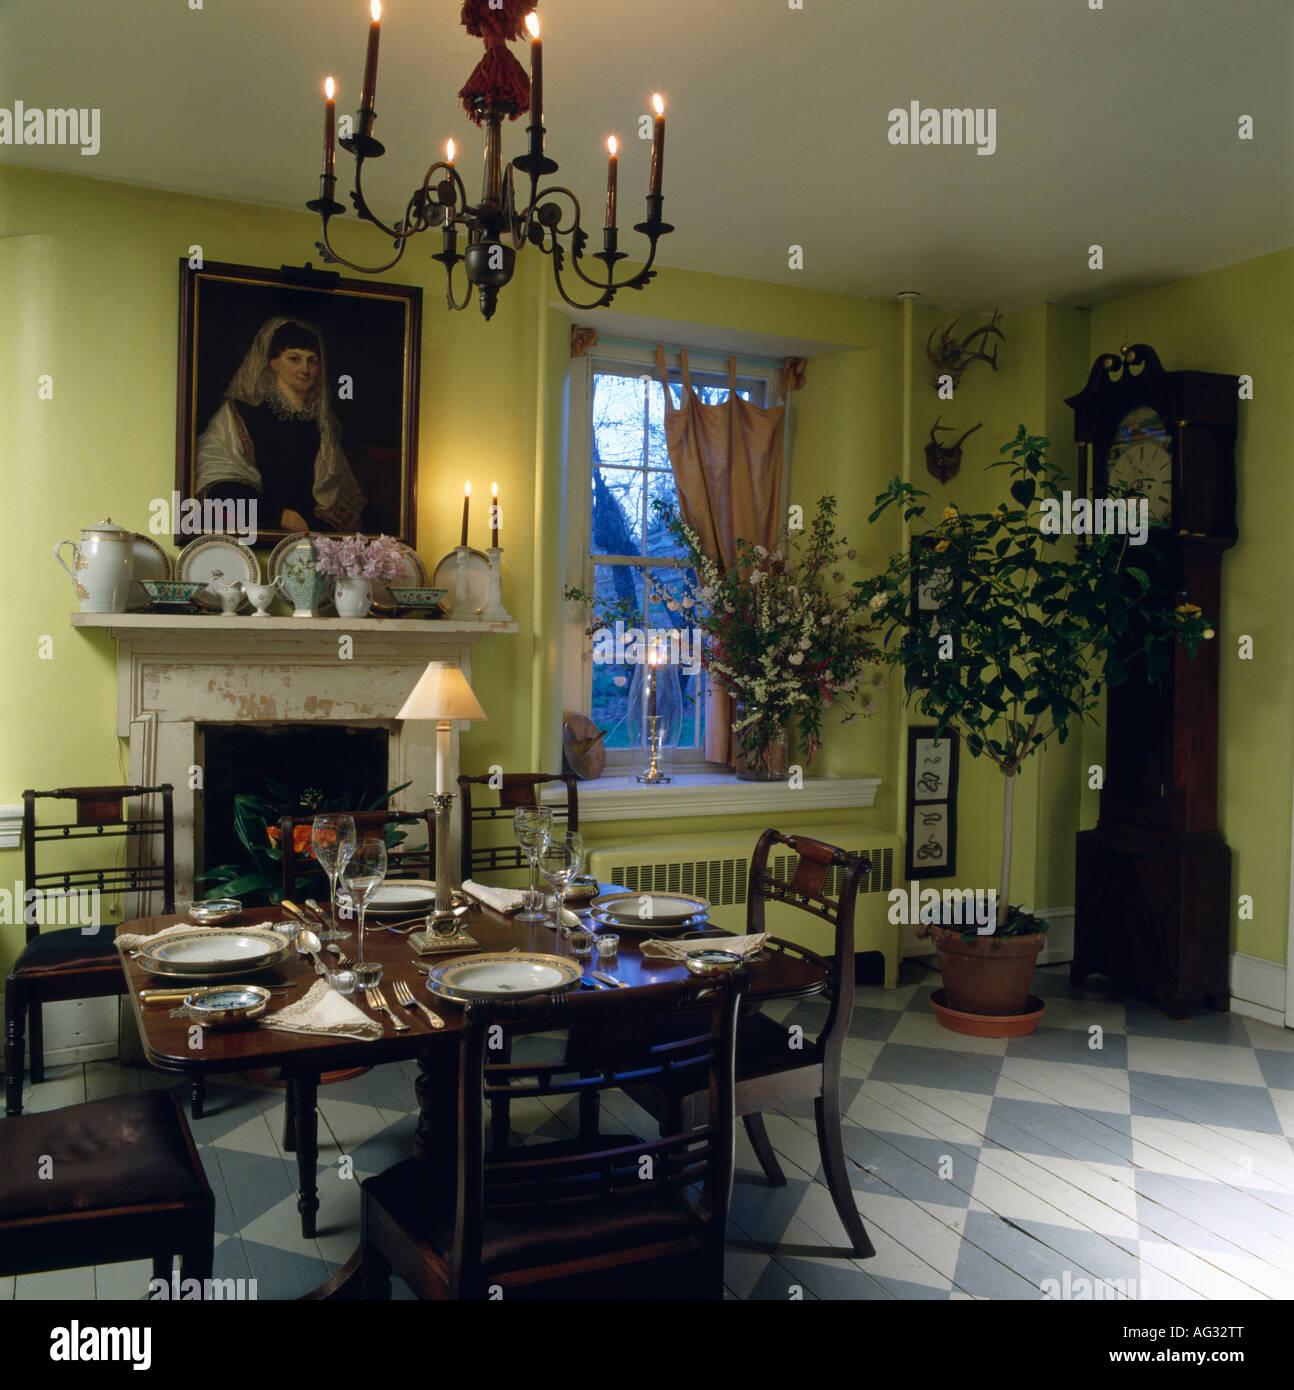 Antique Chandelier Table Et Chaises Vert Lime En Salle A Manger Avec